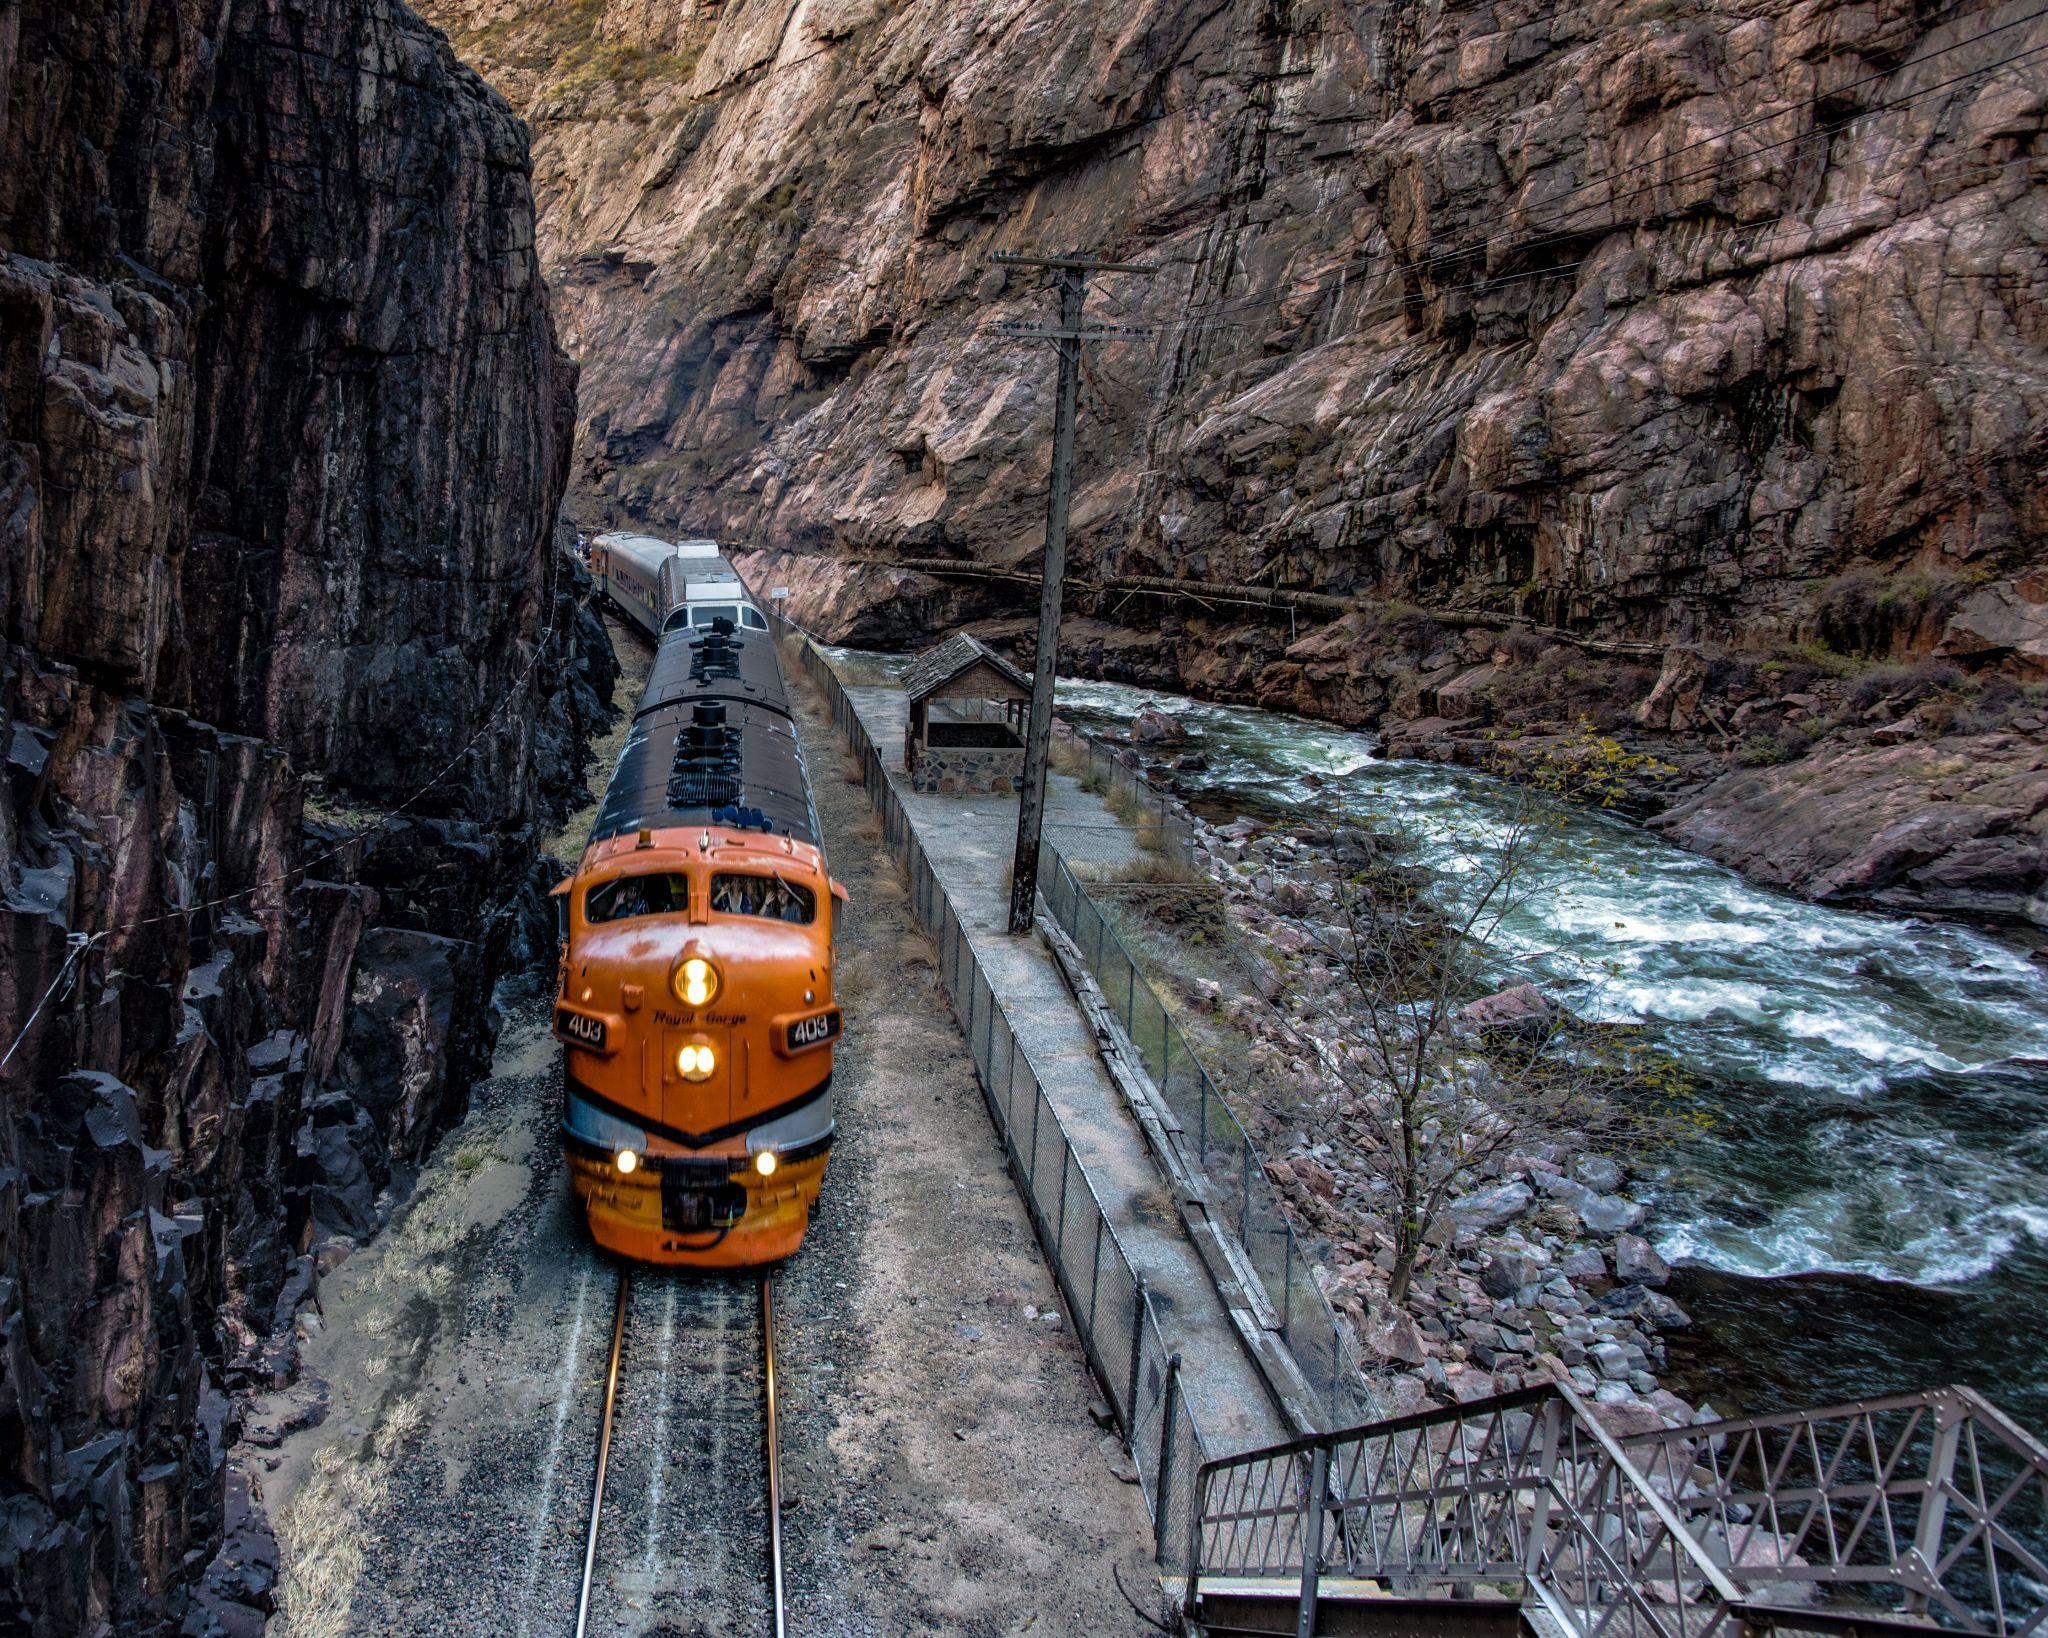 Royal Gorge, USA